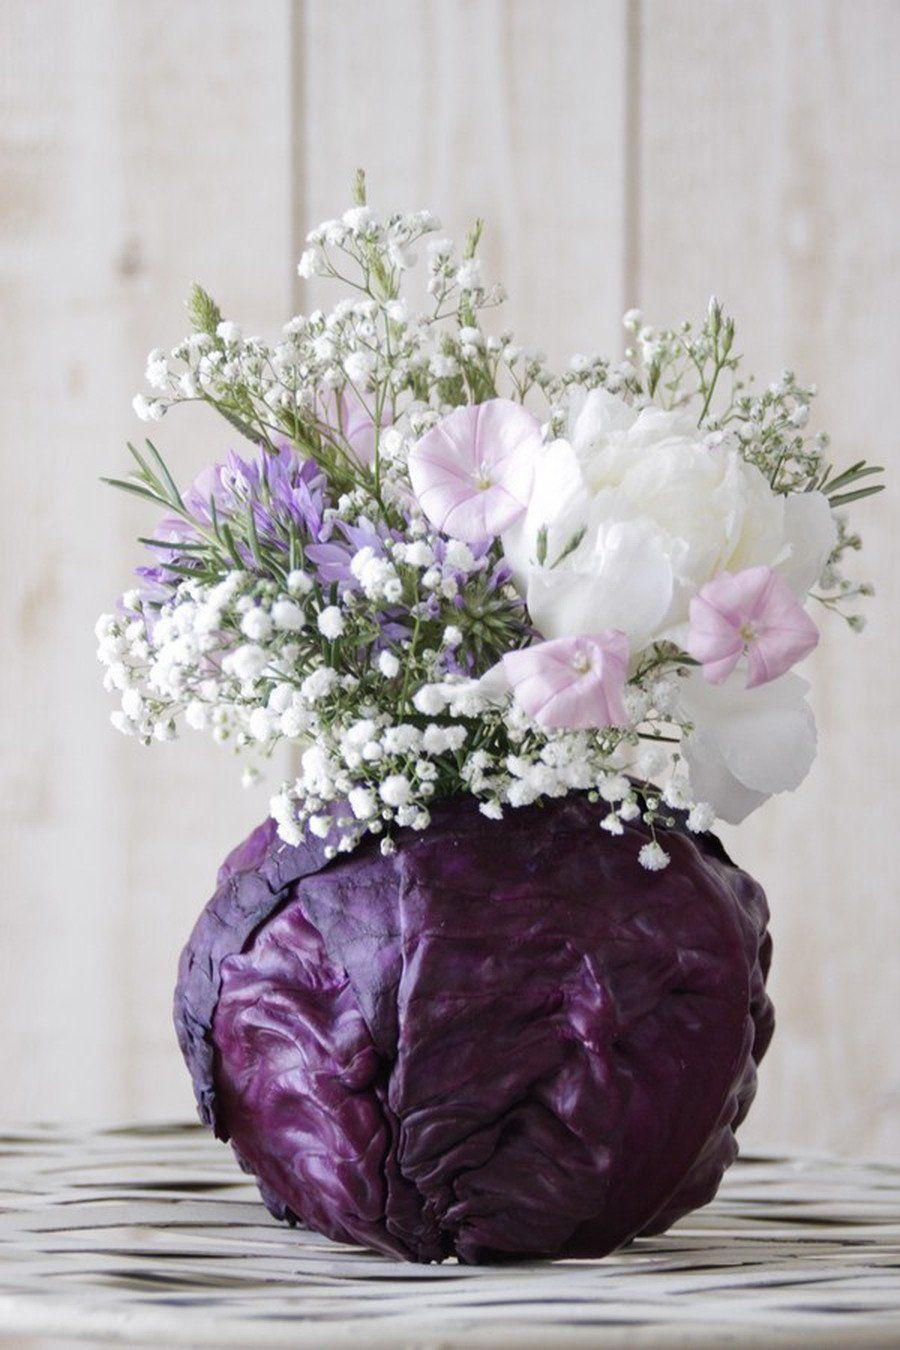 All natural: Die Rotkohlvase für den Blumenstrauß.